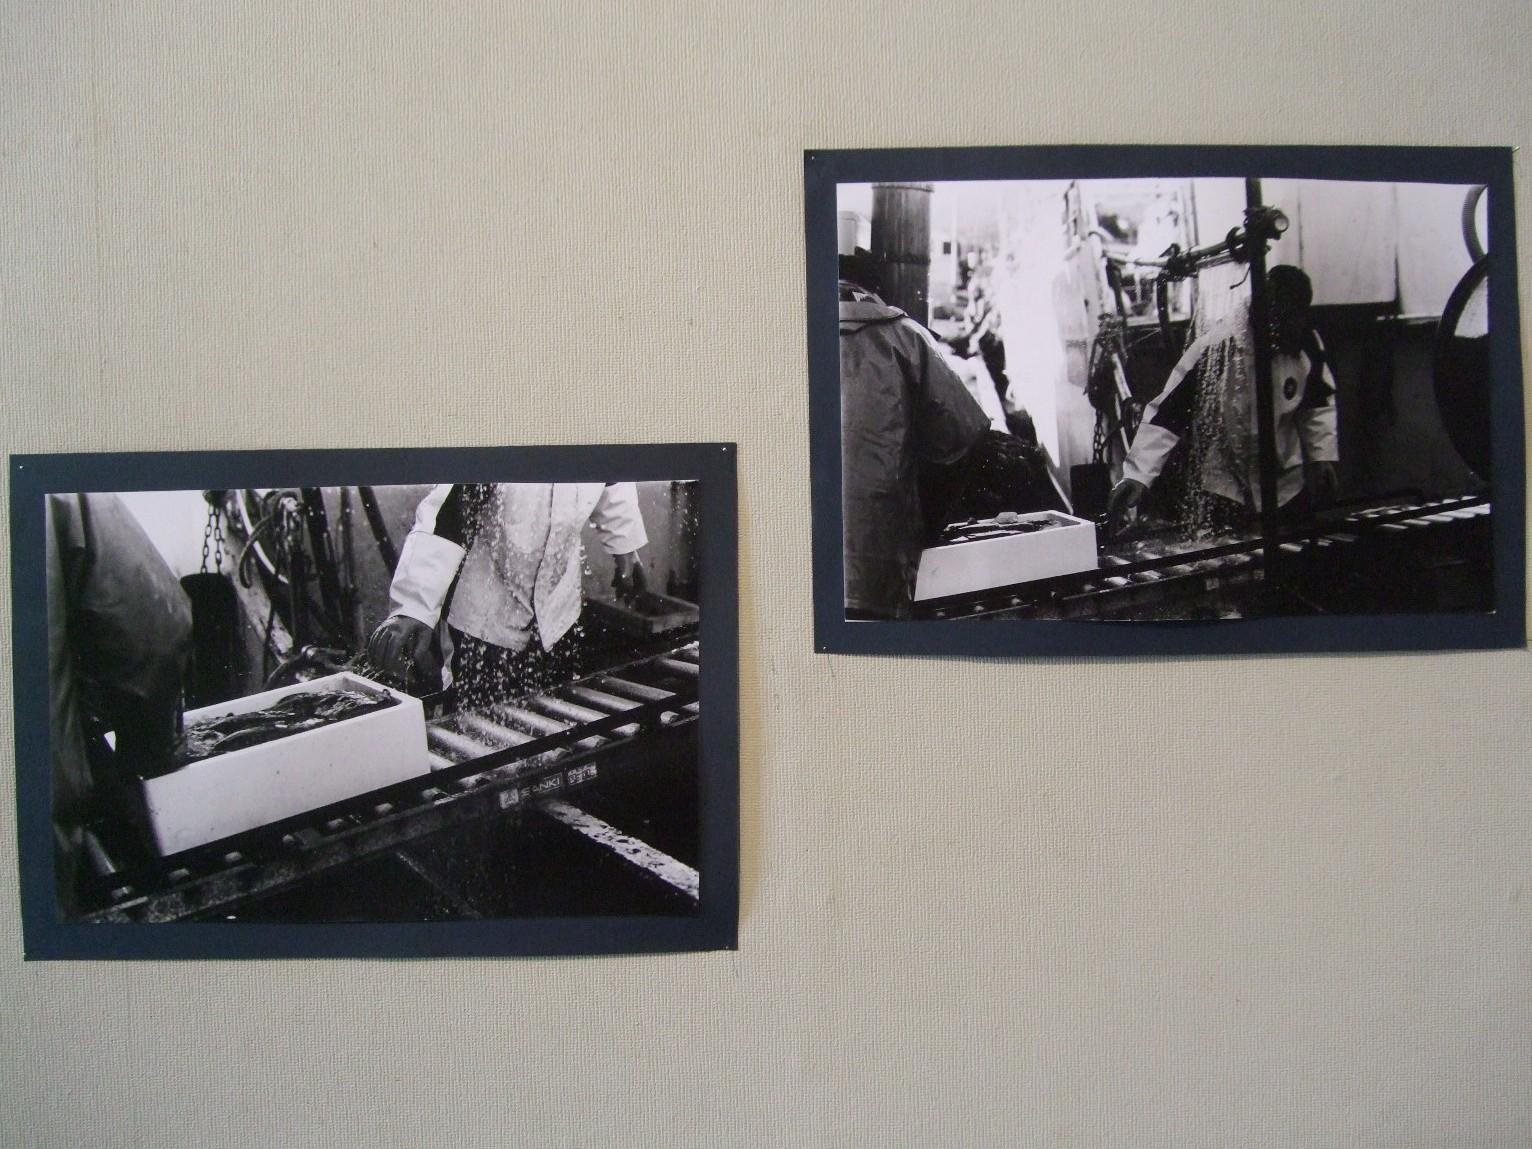 1252) 資料館 「藤女子大学写真部」 終了・3月9日(火)~3月14日(日)  _f0126829_1115571.jpg